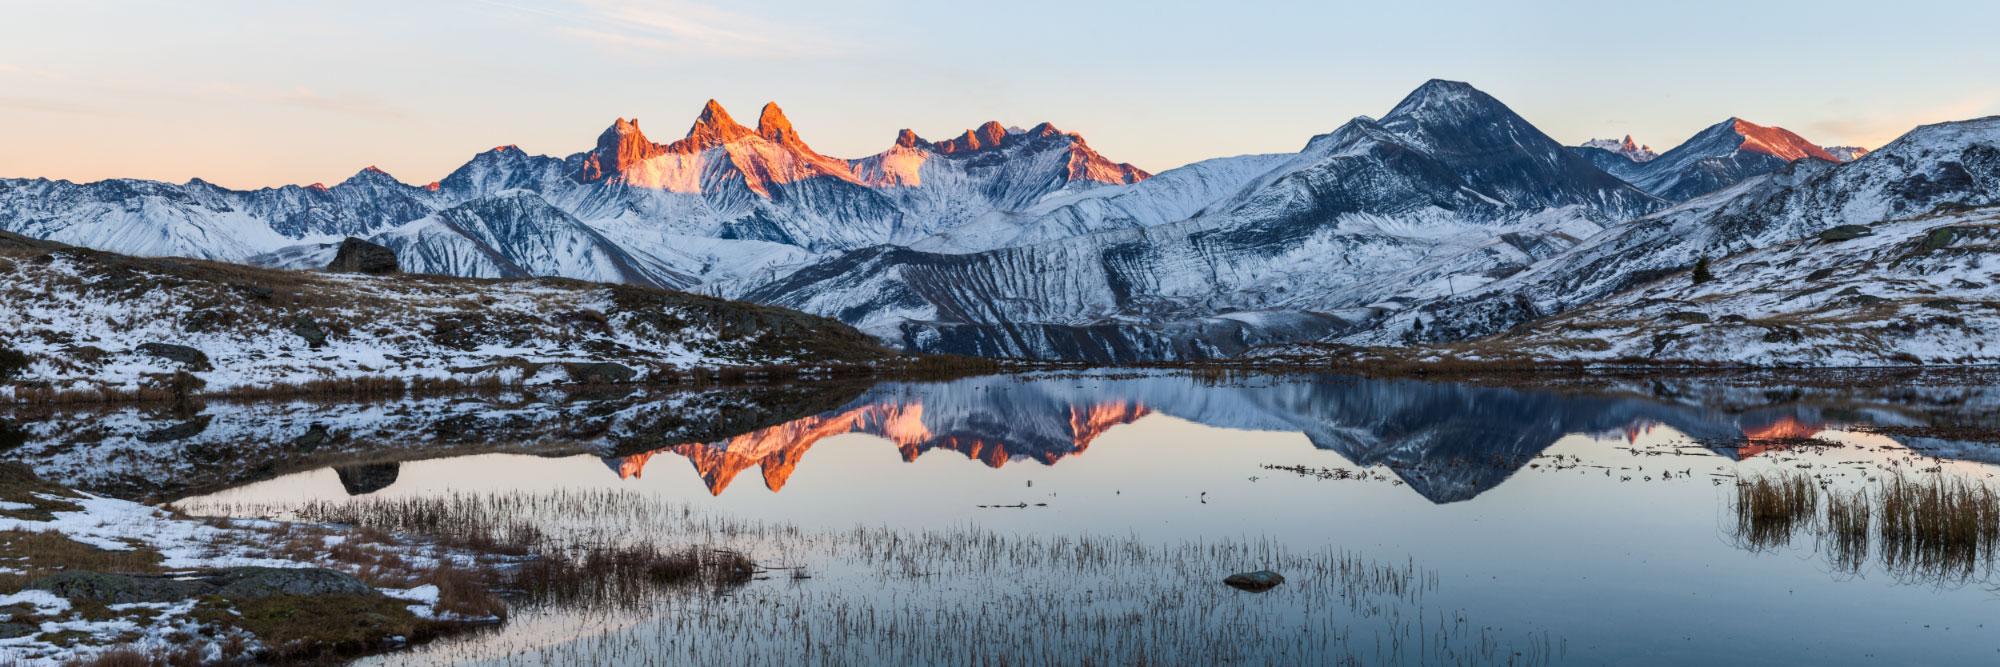 Aiguilles d'Arves et lac Guichard, Col de la Croix de Fer, Grandes Rousses